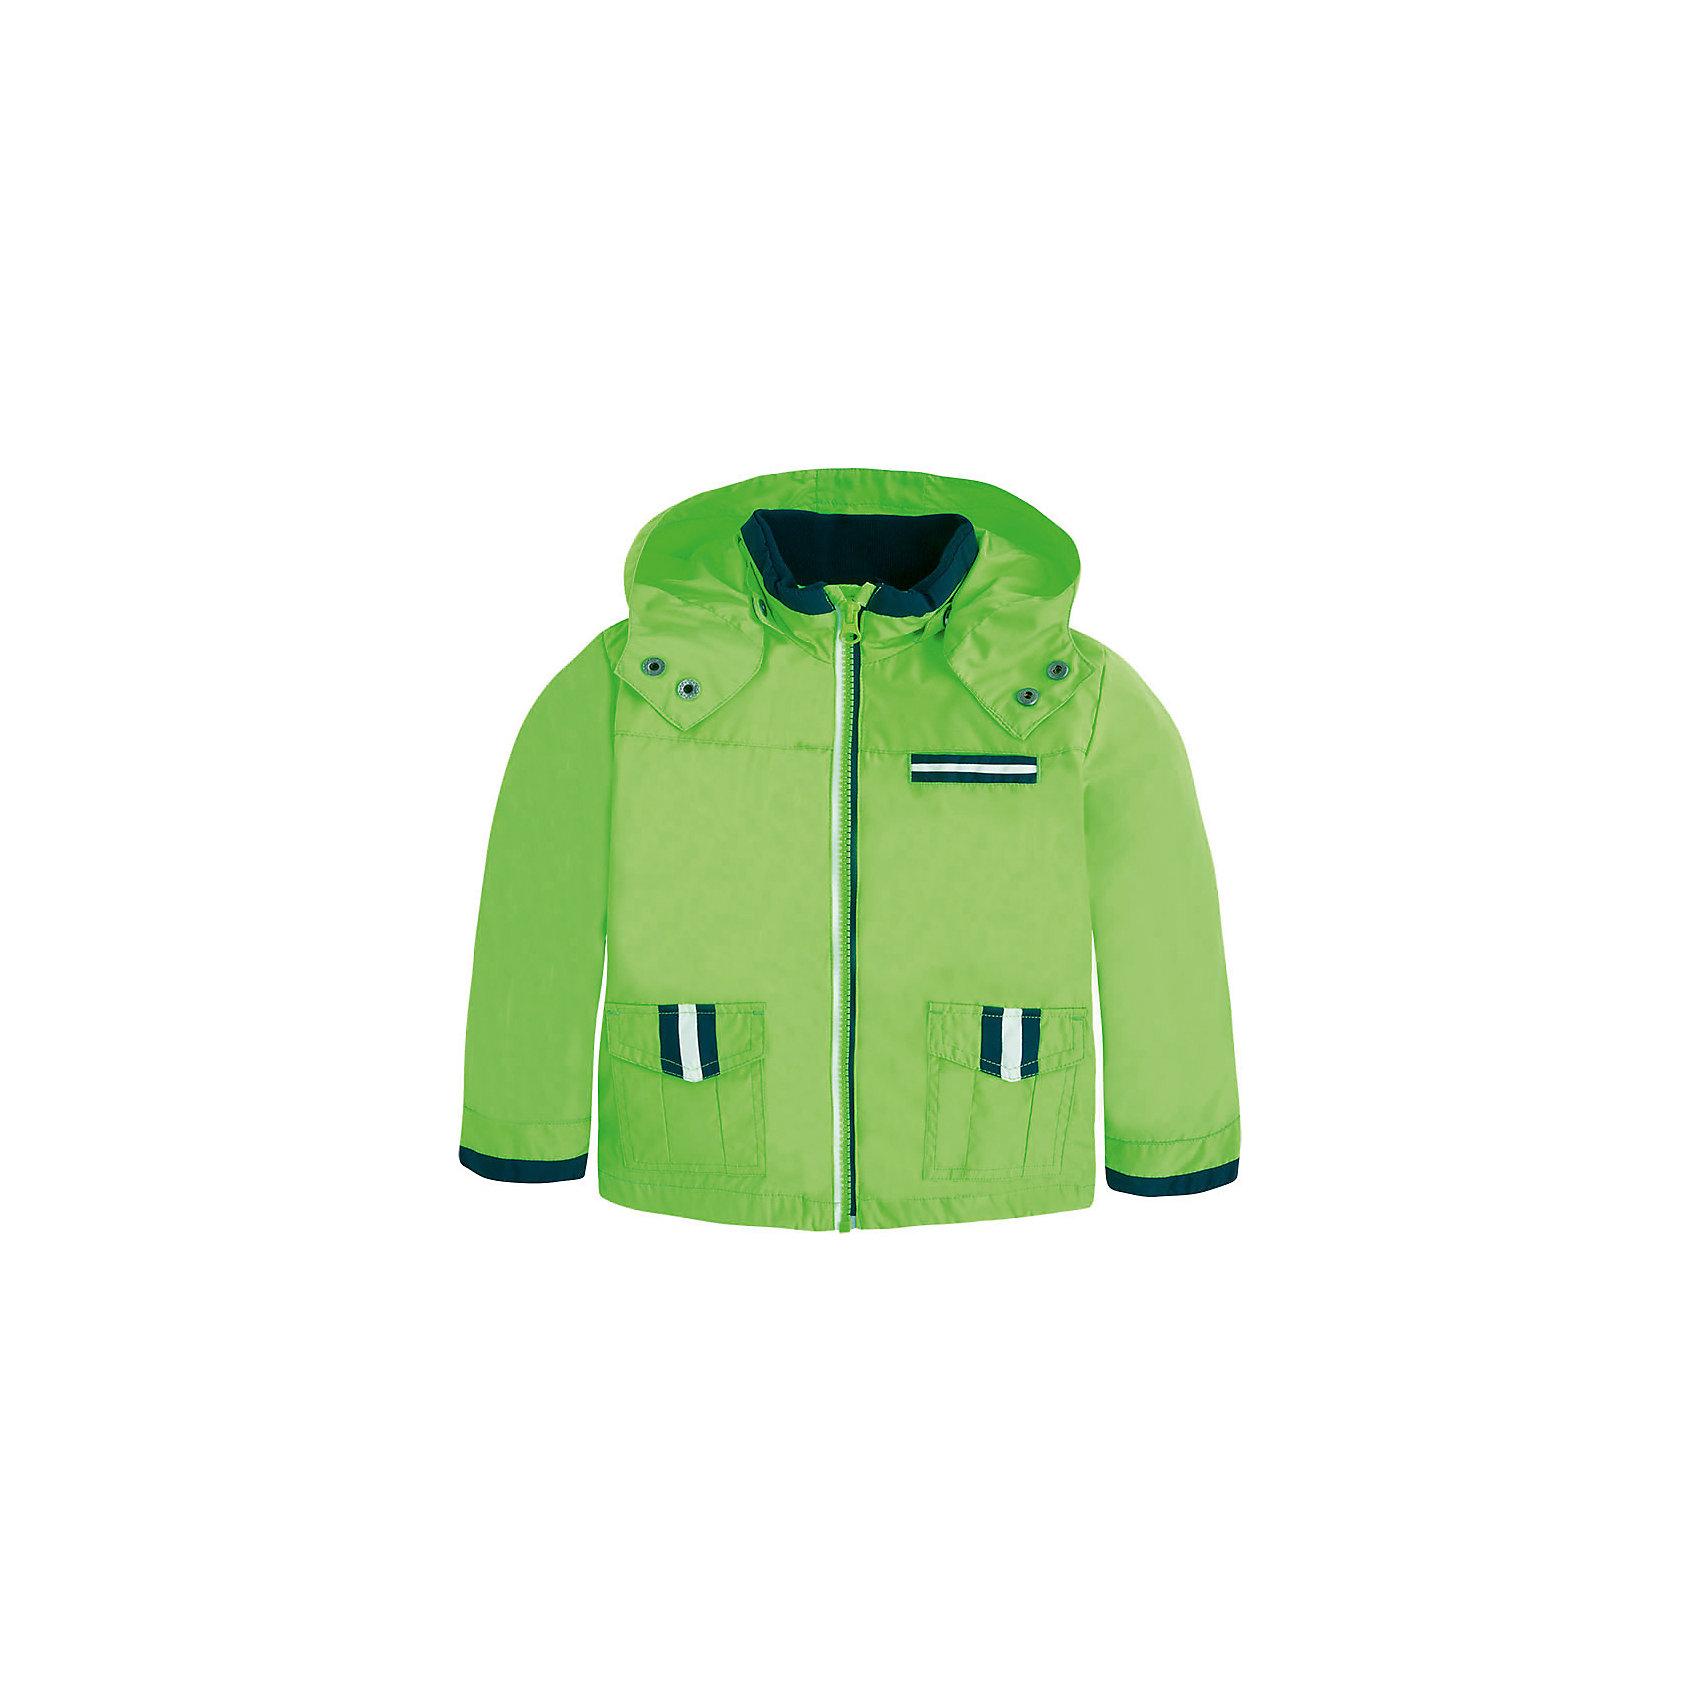 Ветровка для мальчика MayoralВетровка для мальчика от известной испанской марки Mayoral <br><br>Модная объемная ветровка от Mayoral очень оригинально и стильно смотрится. Она прекрасно сочетается с различным низом.  Модель выполнена из качественных материалов, отлично садится по фигуре.<br><br>Особенности модели:<br><br>- цвет: зеленый;<br>- рукава длинные;<br>- молния;<br>- украшена тесьмой;<br>- карманы;<br>- капюшон отстегивается.<br><br>Дополнительная информация:<br><br>Состав: 100% полиэстер<br><br>Ветровку для мальчика Mayoral (Майорал) можно купить в нашем магазине.<br><br>Ширина мм: 356<br>Глубина мм: 10<br>Высота мм: 245<br>Вес г: 519<br>Цвет: зеленый<br>Возраст от месяцев: 24<br>Возраст до месяцев: 36<br>Пол: Мужской<br>Возраст: Детский<br>Размер: 98,116,122,134,92,104,128,110<br>SKU: 4542278